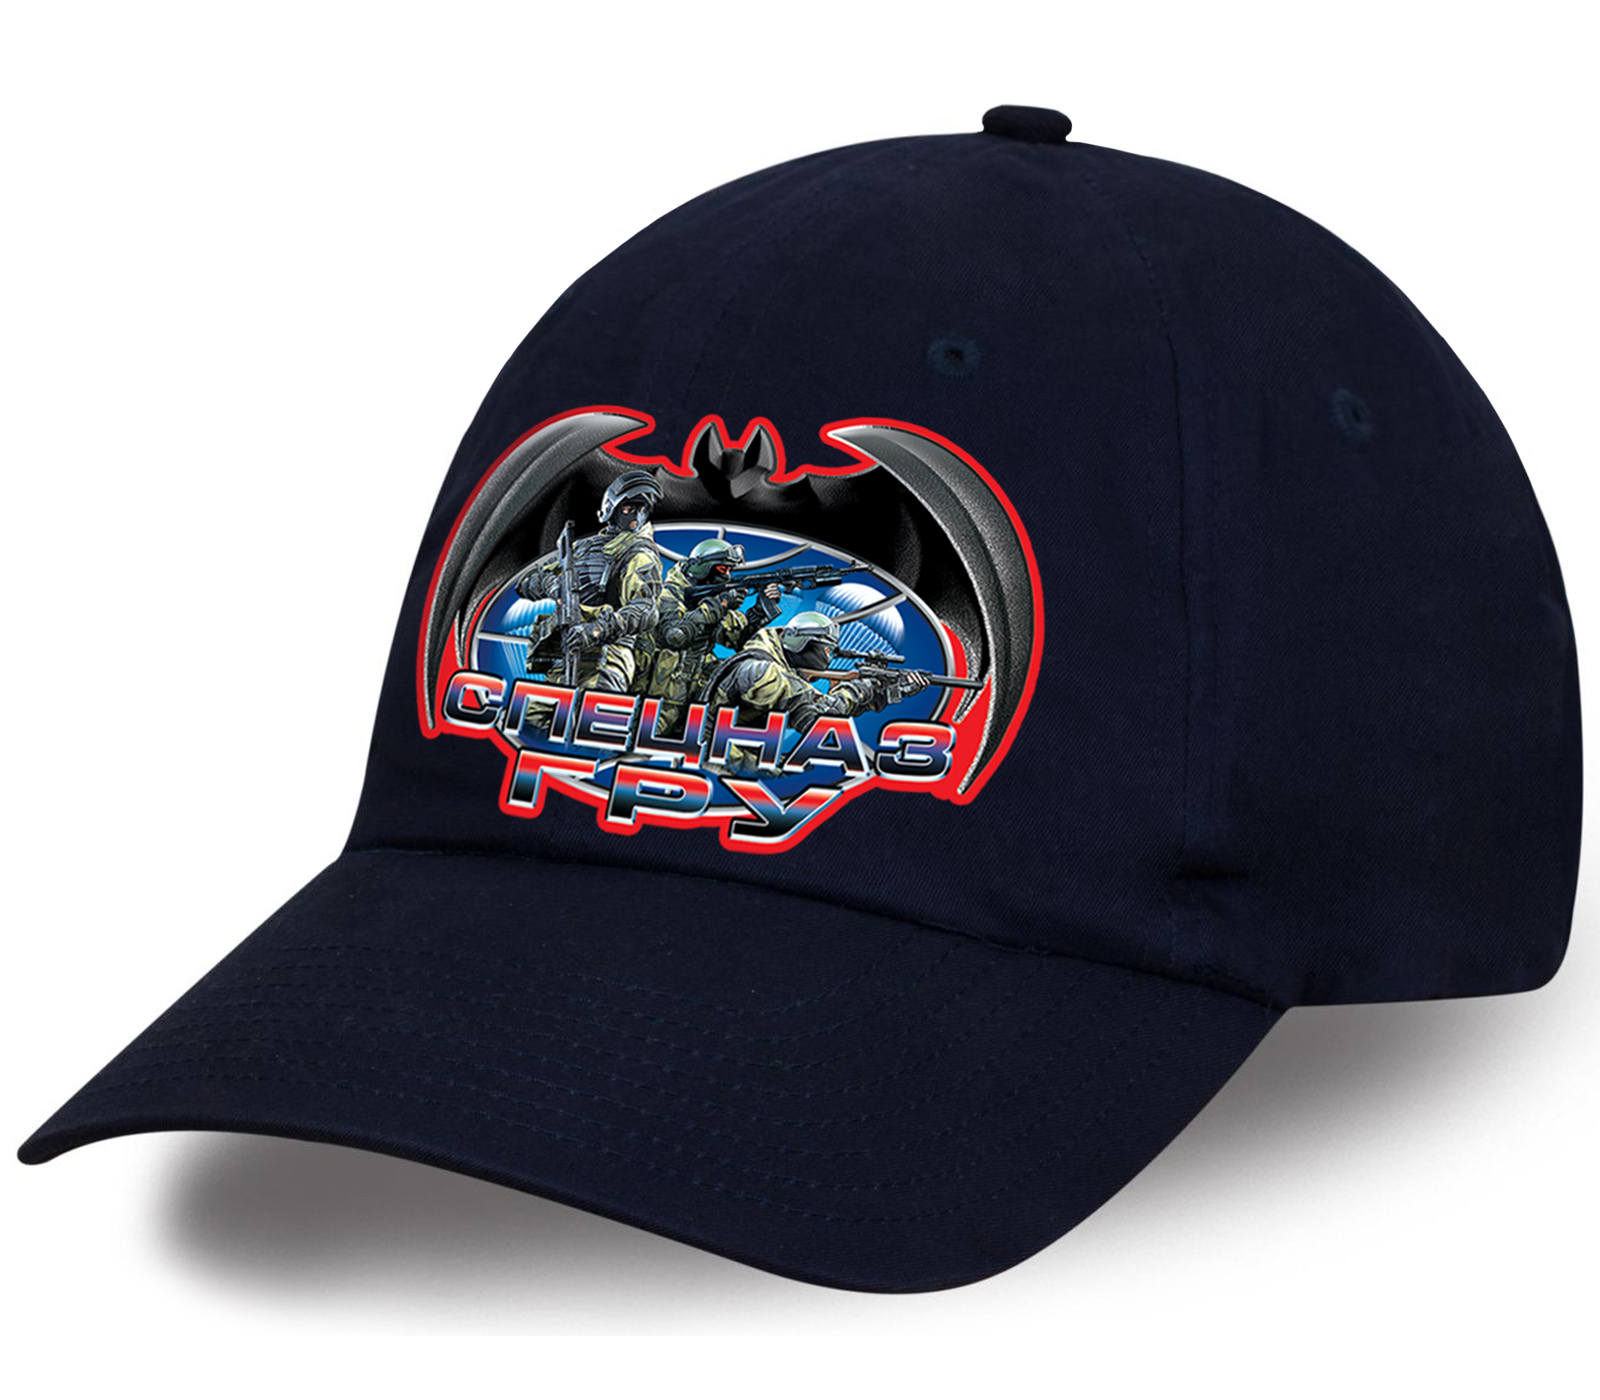 Сделай своему мужчине эксклюзивный подарок - бейсболку с авторским принтом эмблемы «Спецназ ГРУ» с летучей мышью. Отменное качество по выгодной цене